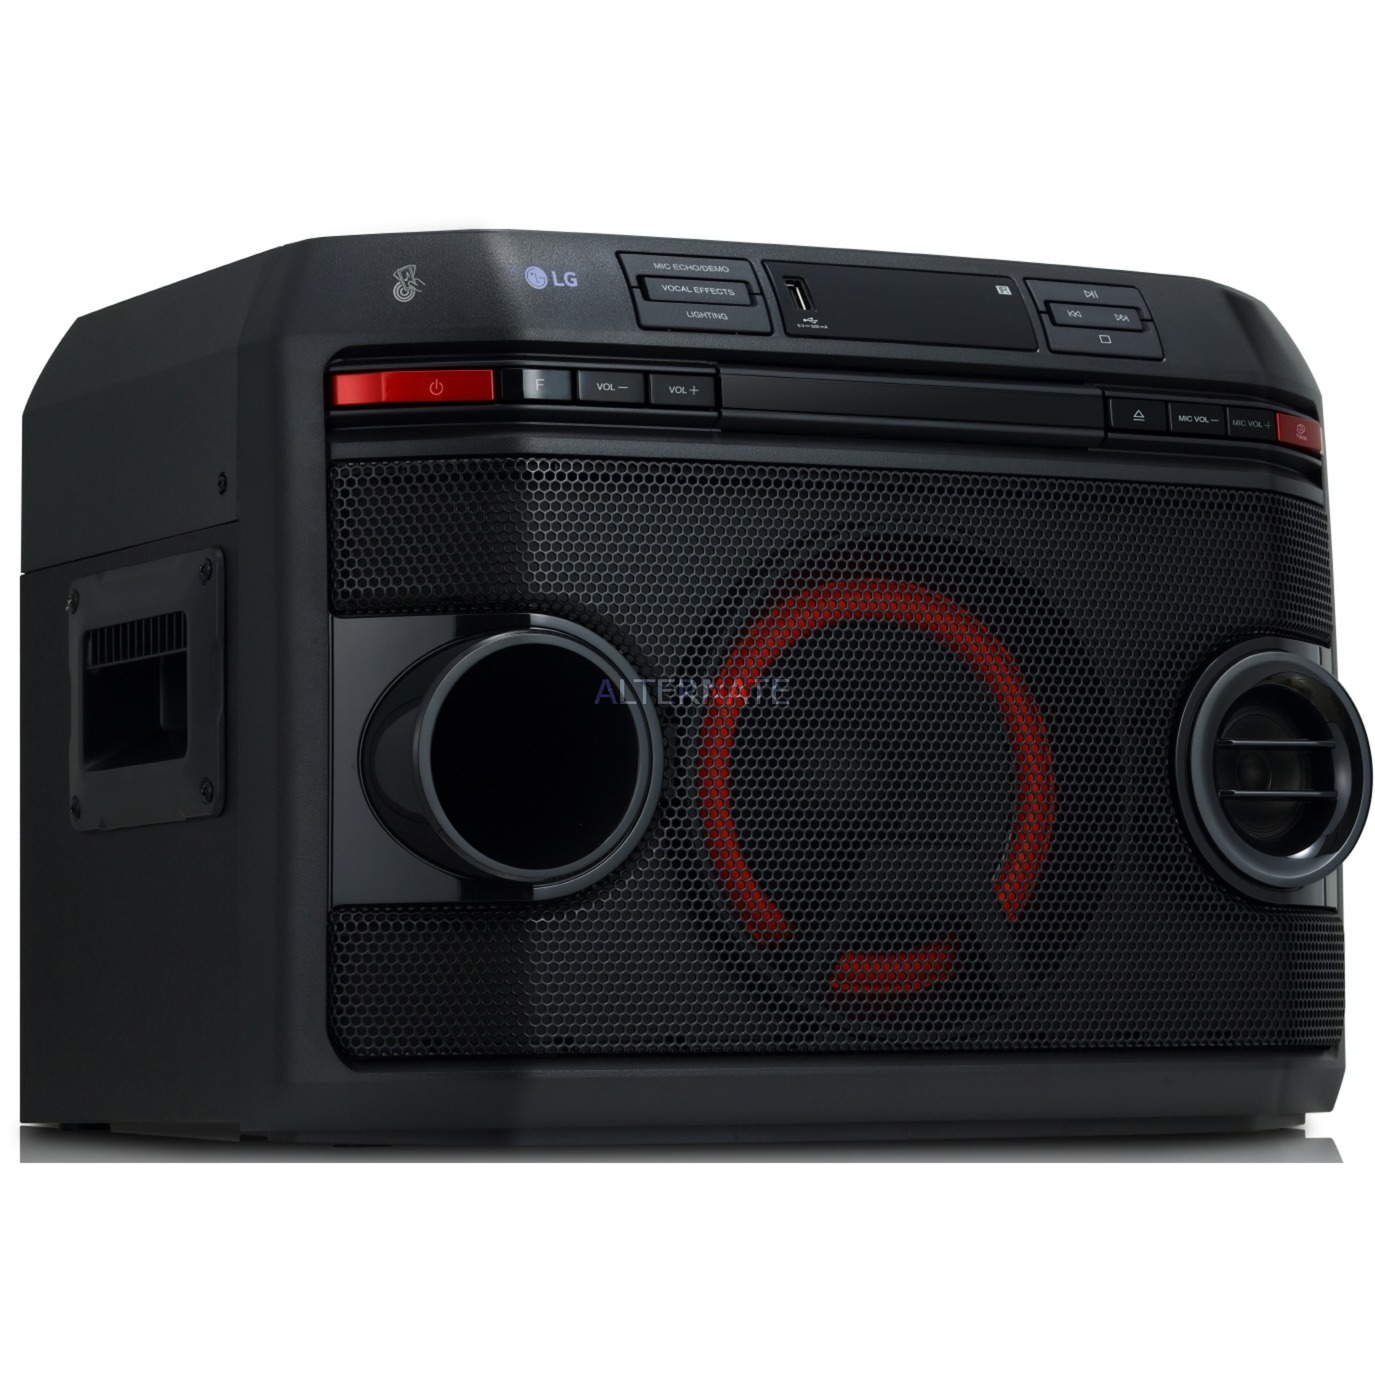 OL45 sistema de karaoke Público, Equipo compacto